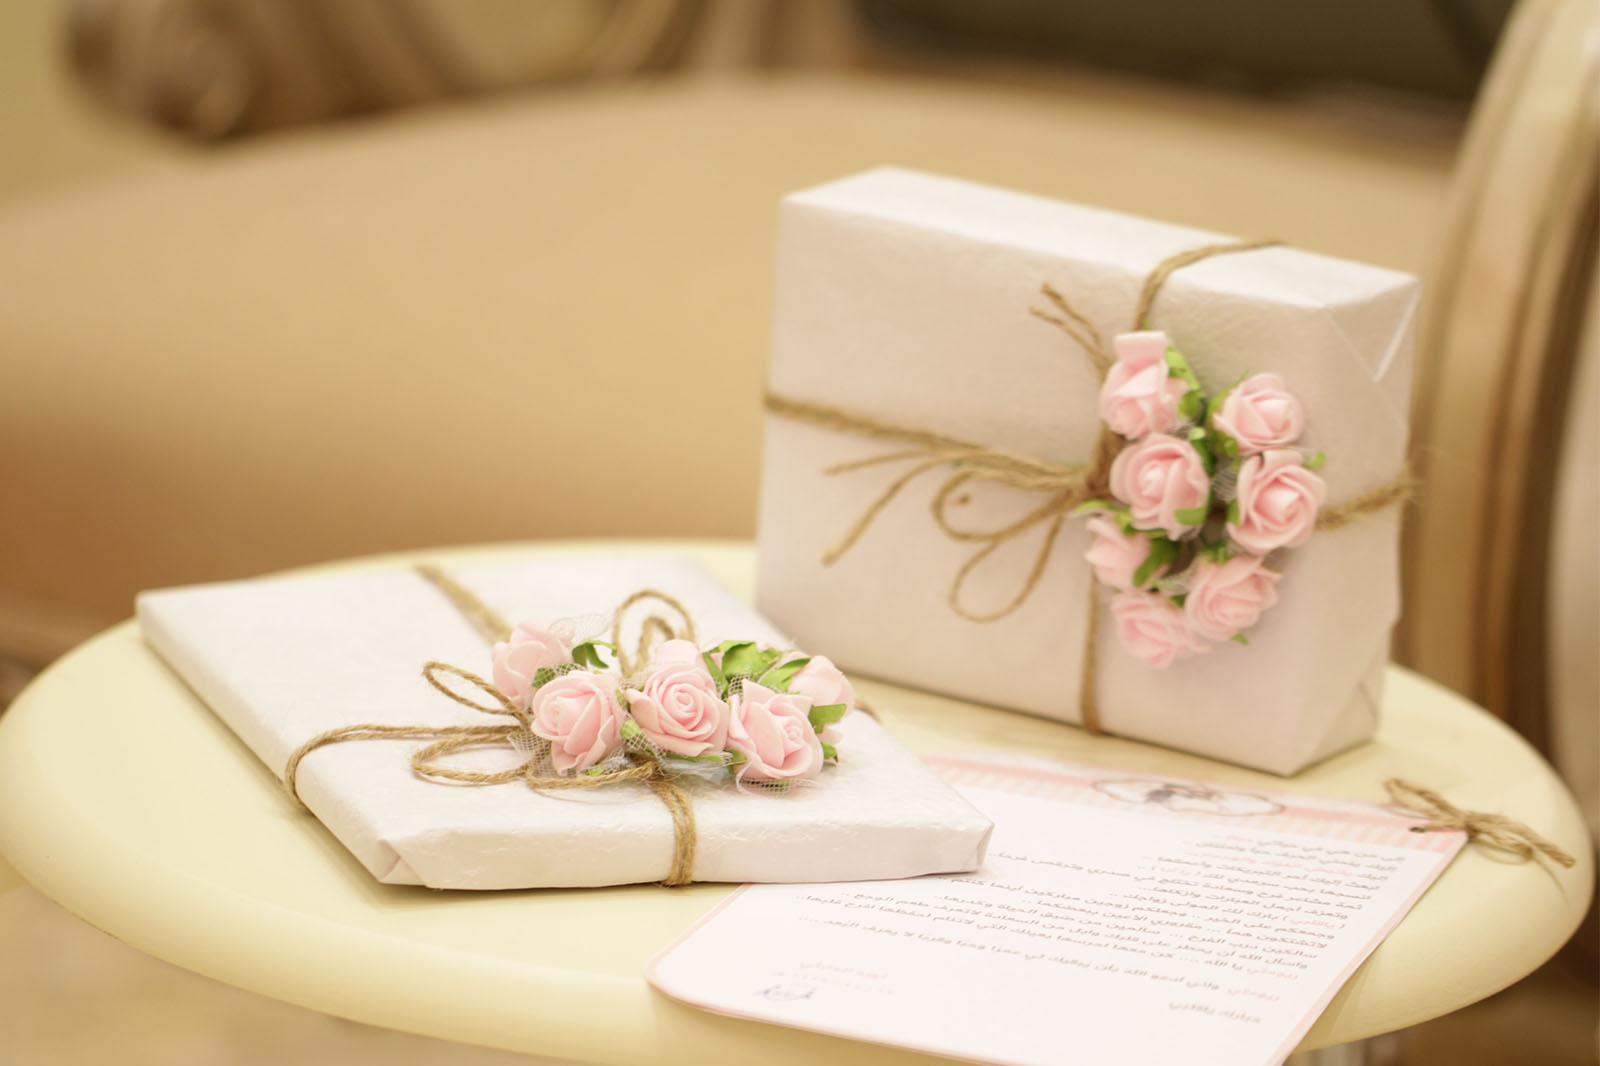 ajándékcsomagok az asztalon